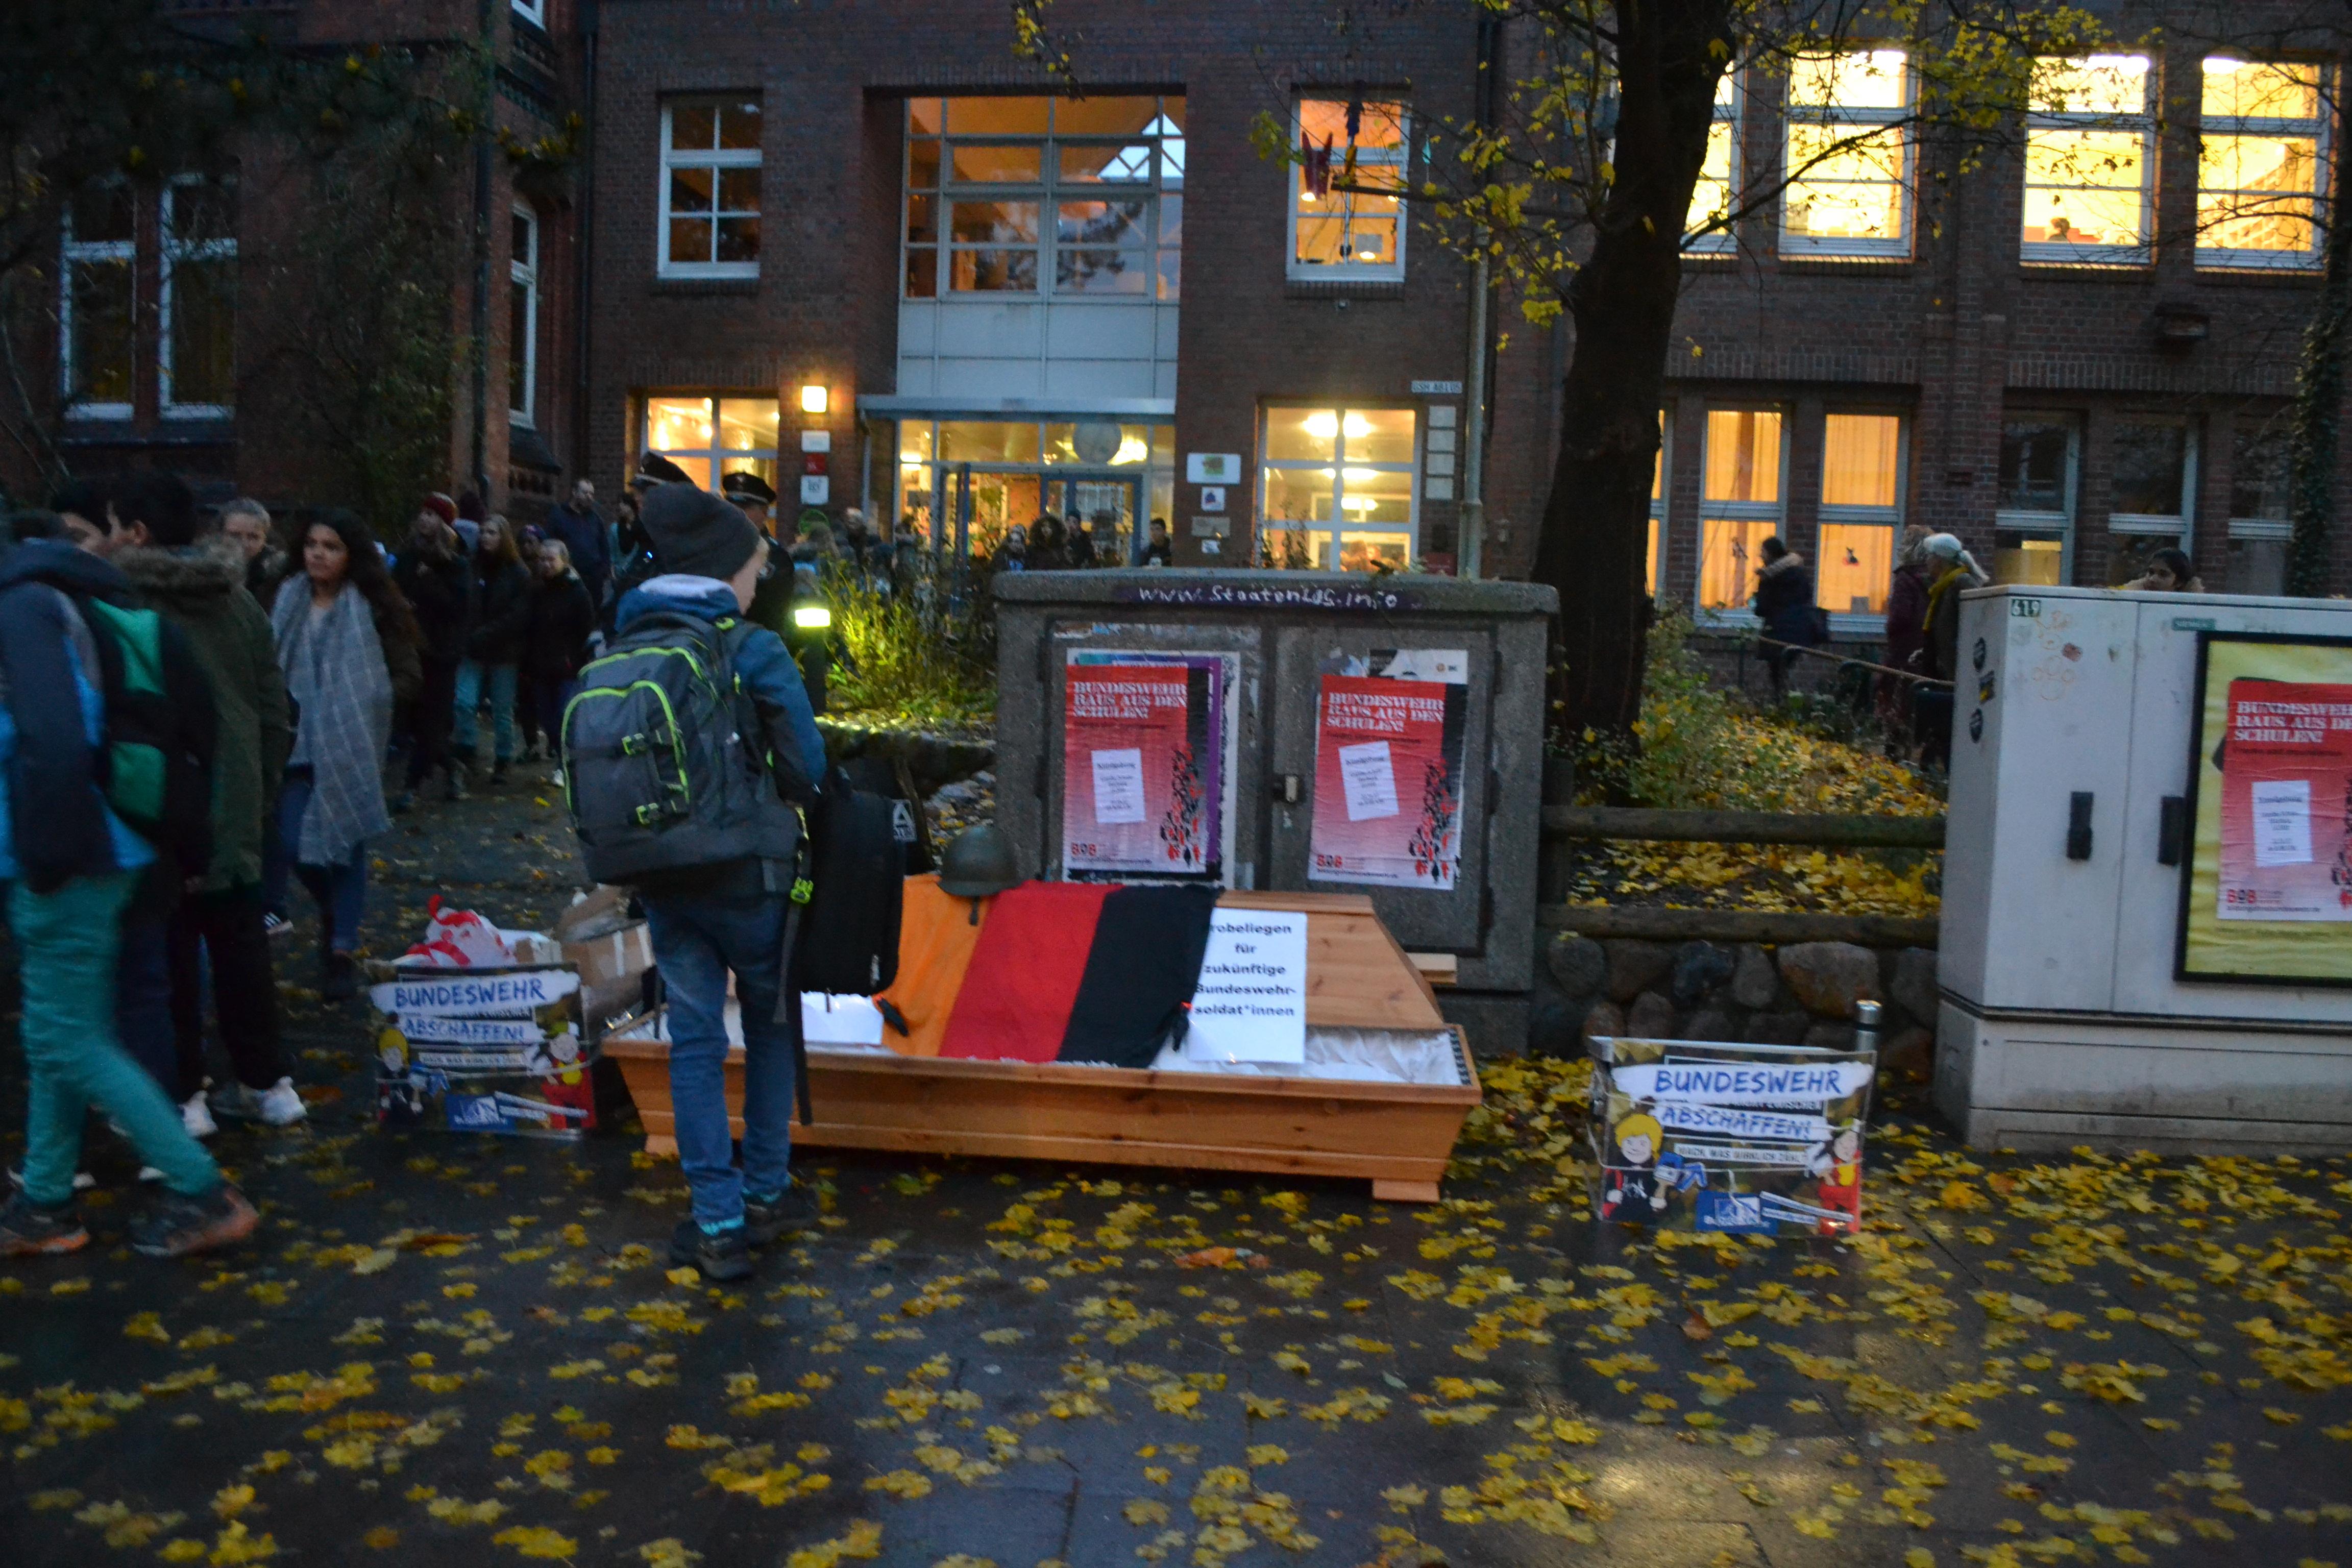 Goethe Schule Harburg bundeswehr raus aus der goethe schule harburg kraftvoller protest